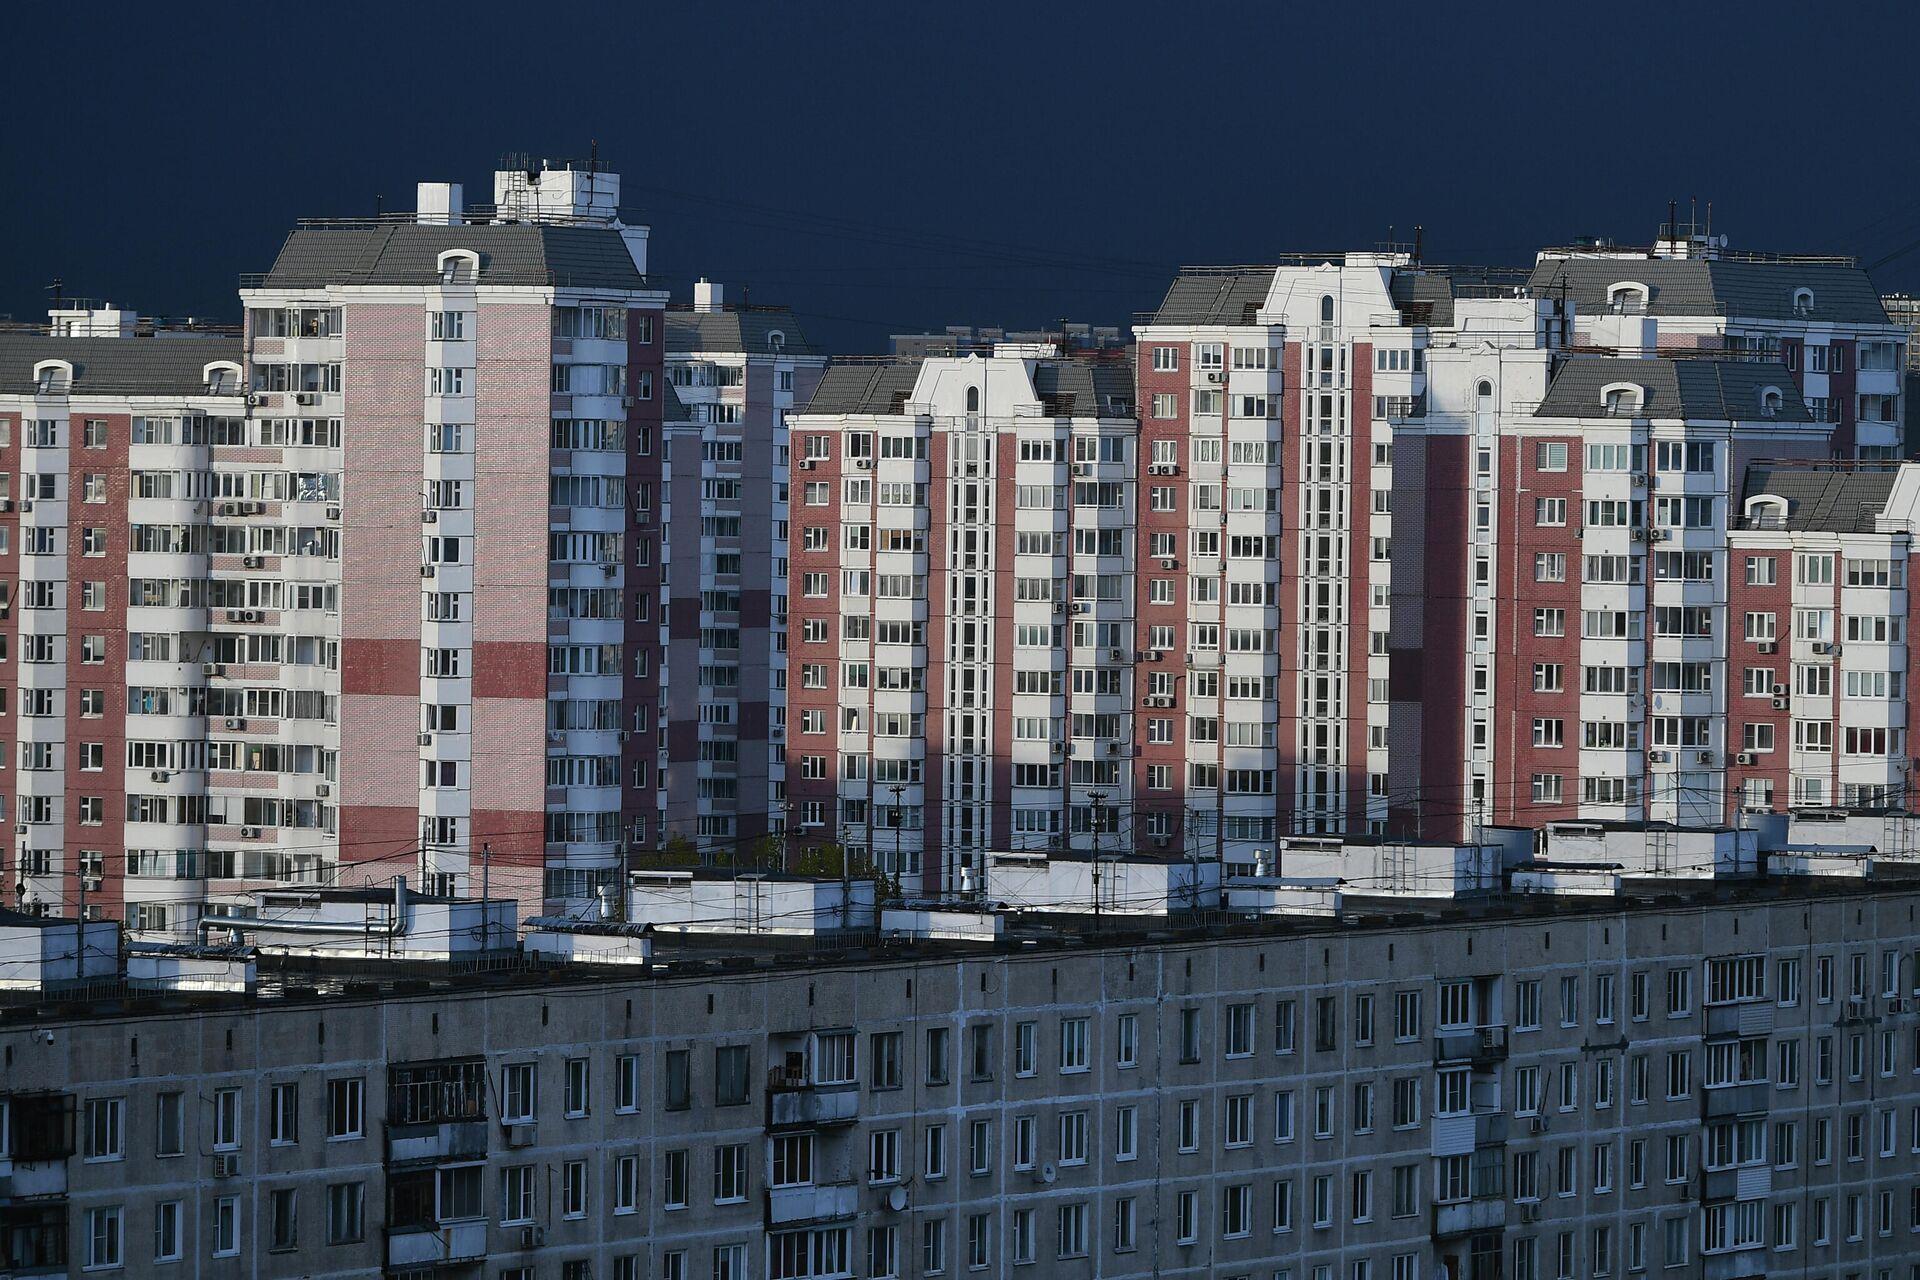 Жилые дома на Химкинском бульваре в Москве - РИА Новости, 1920, 05.04.2021